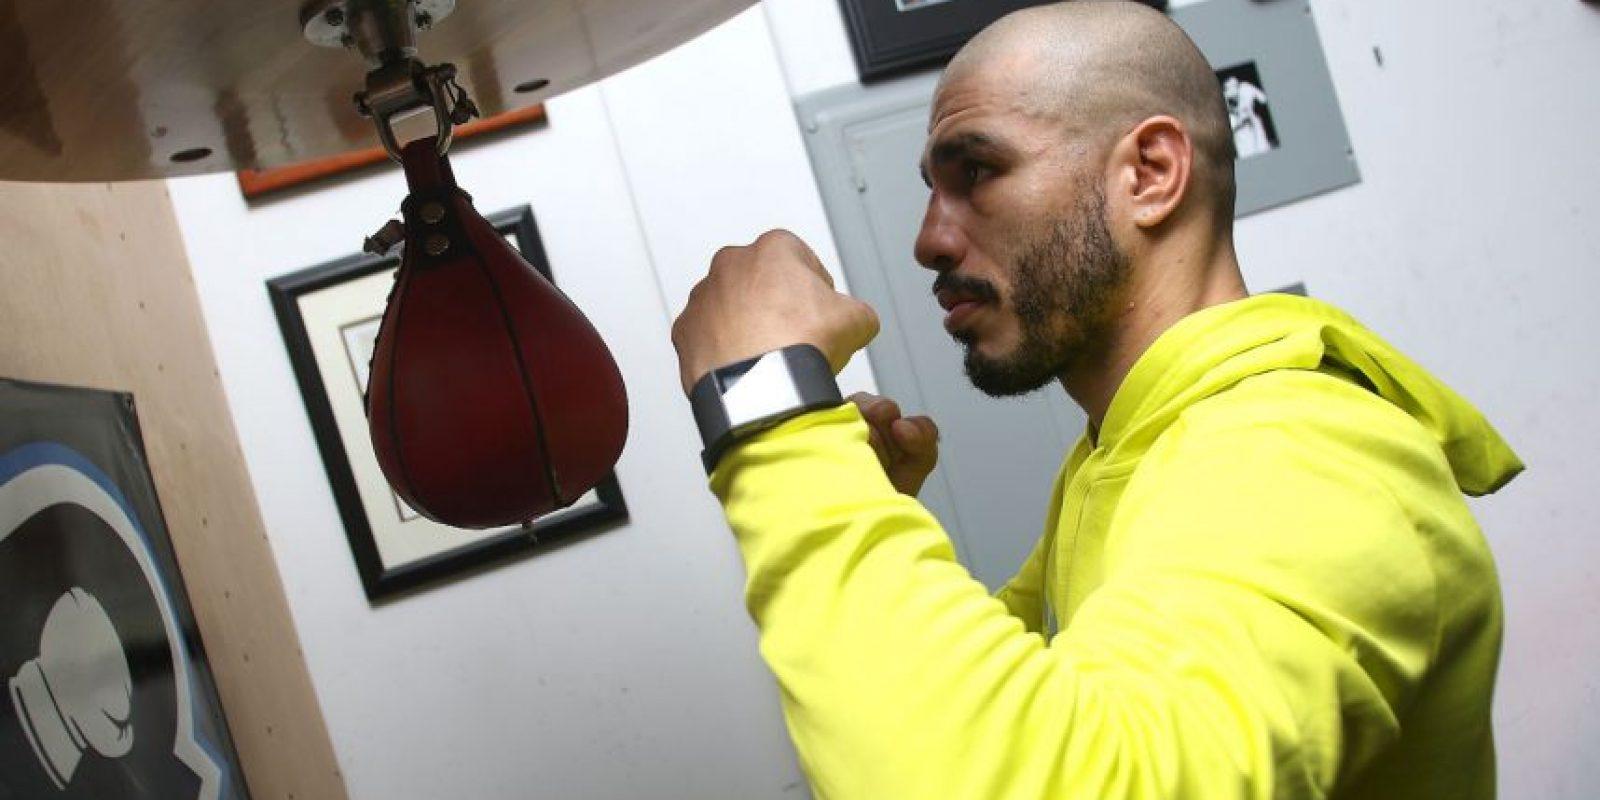 10. Cotto estuvo invicto por 32 peleas, hasta que cayó con Antonio Margarito en 2008 Foto:Getty Images